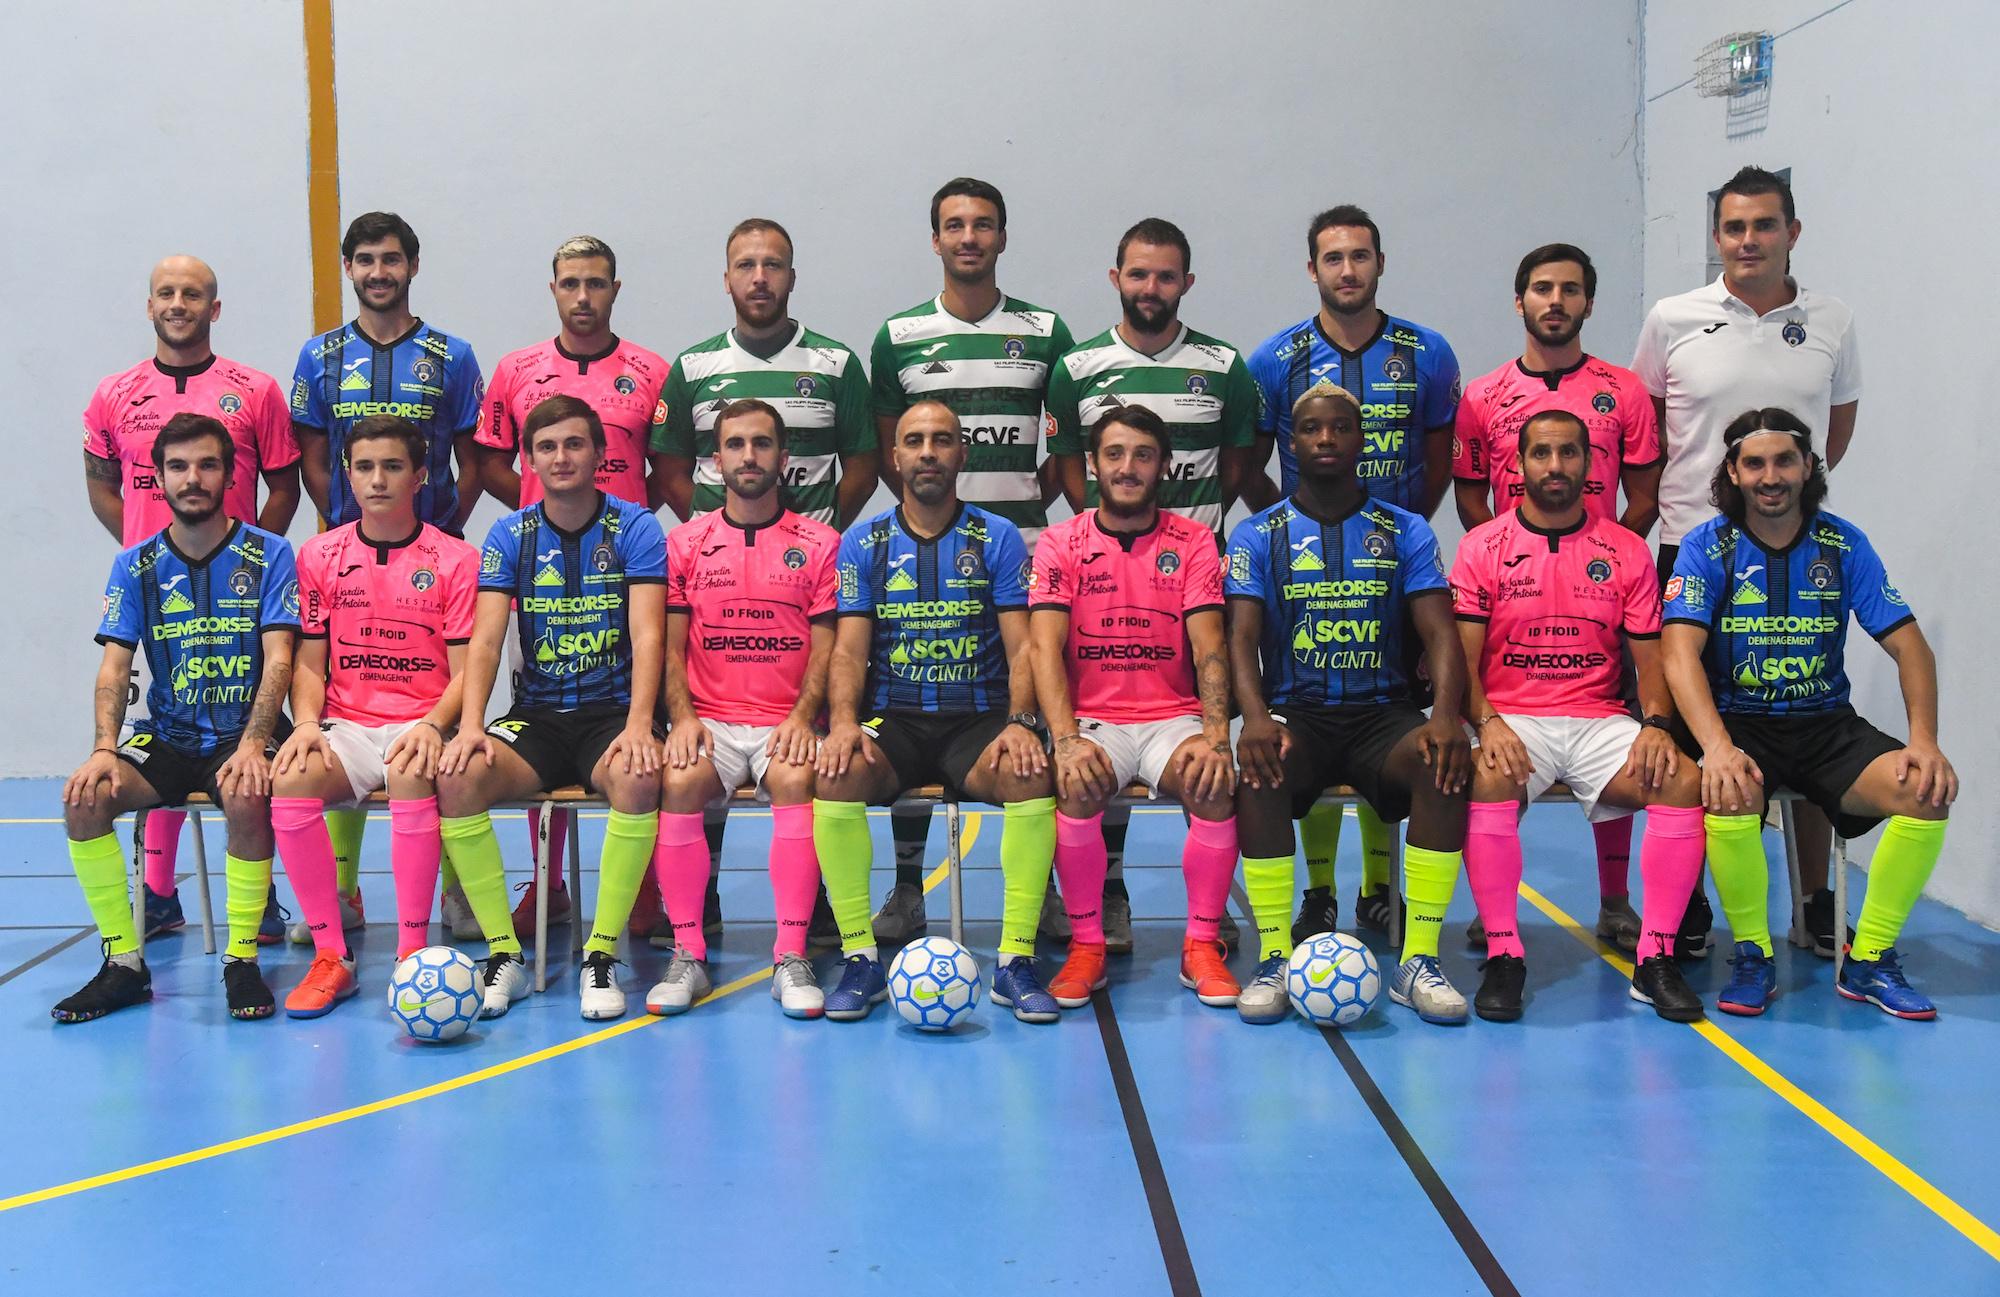 L'équipe de la saison 2021-2022 de Bastia agglomération Futsal.